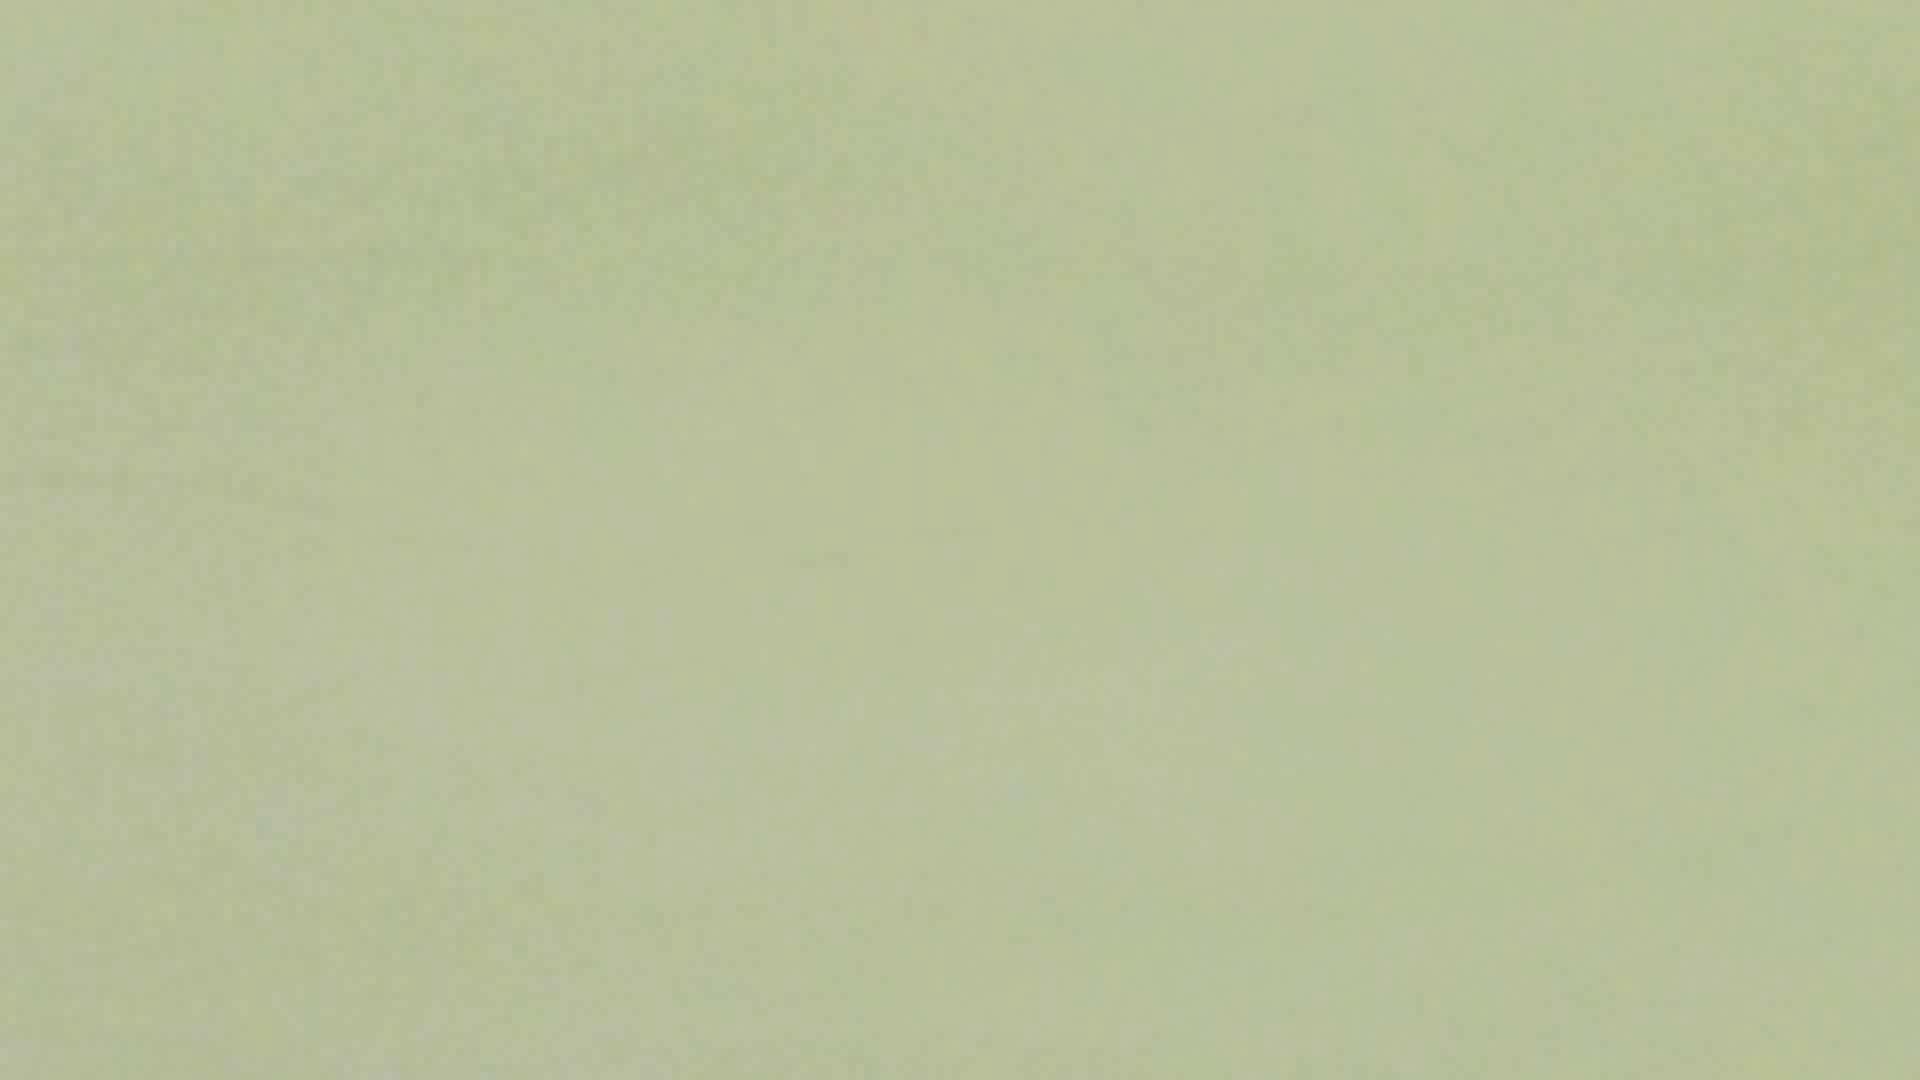 【美しき個室な世界】 vol.017 (゜∀゜) 高画質動画  38画像 21